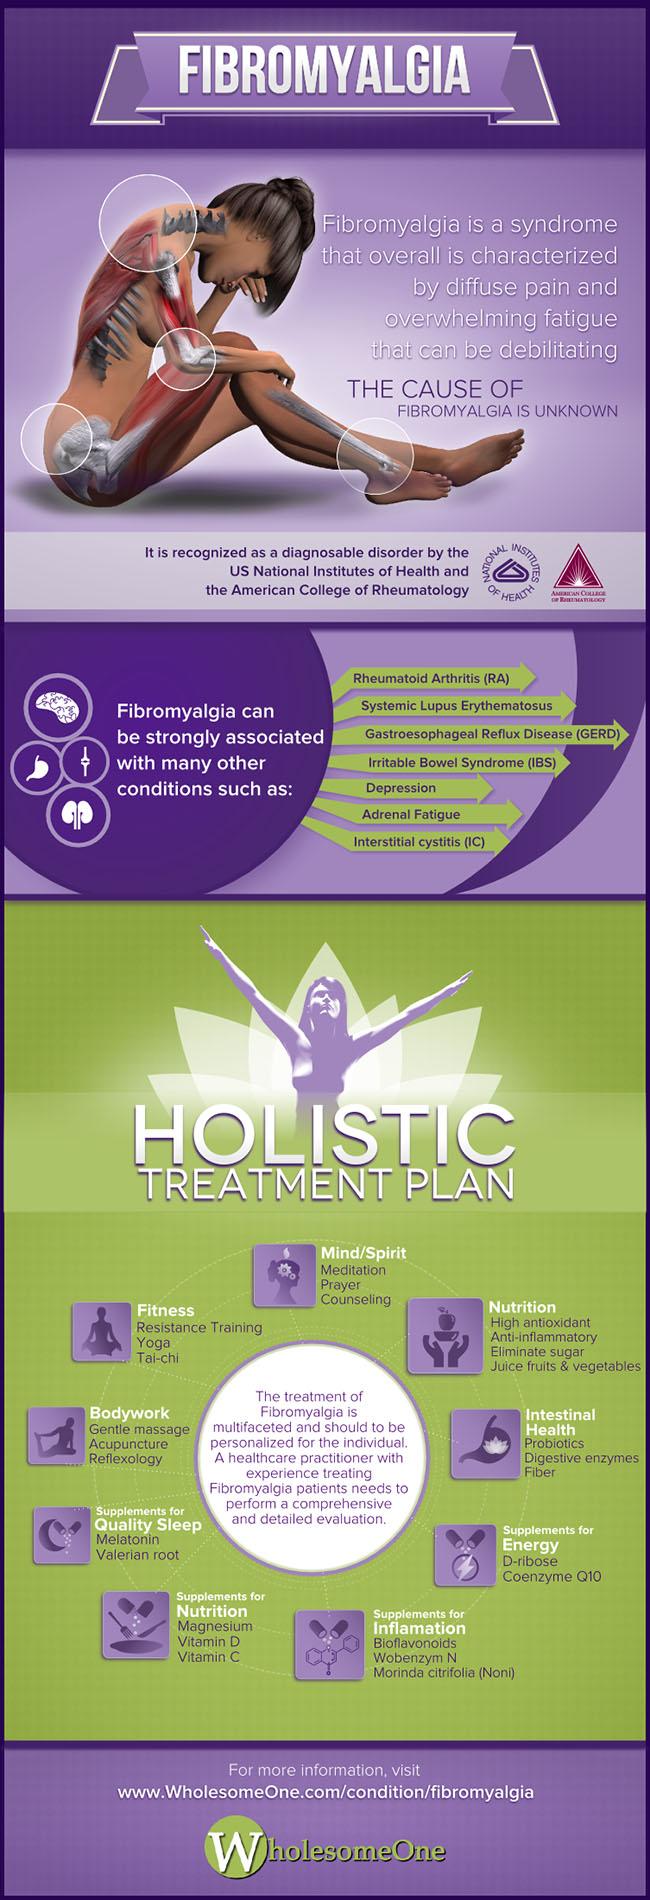 Fibromyalgia Holistic Treatment Plan